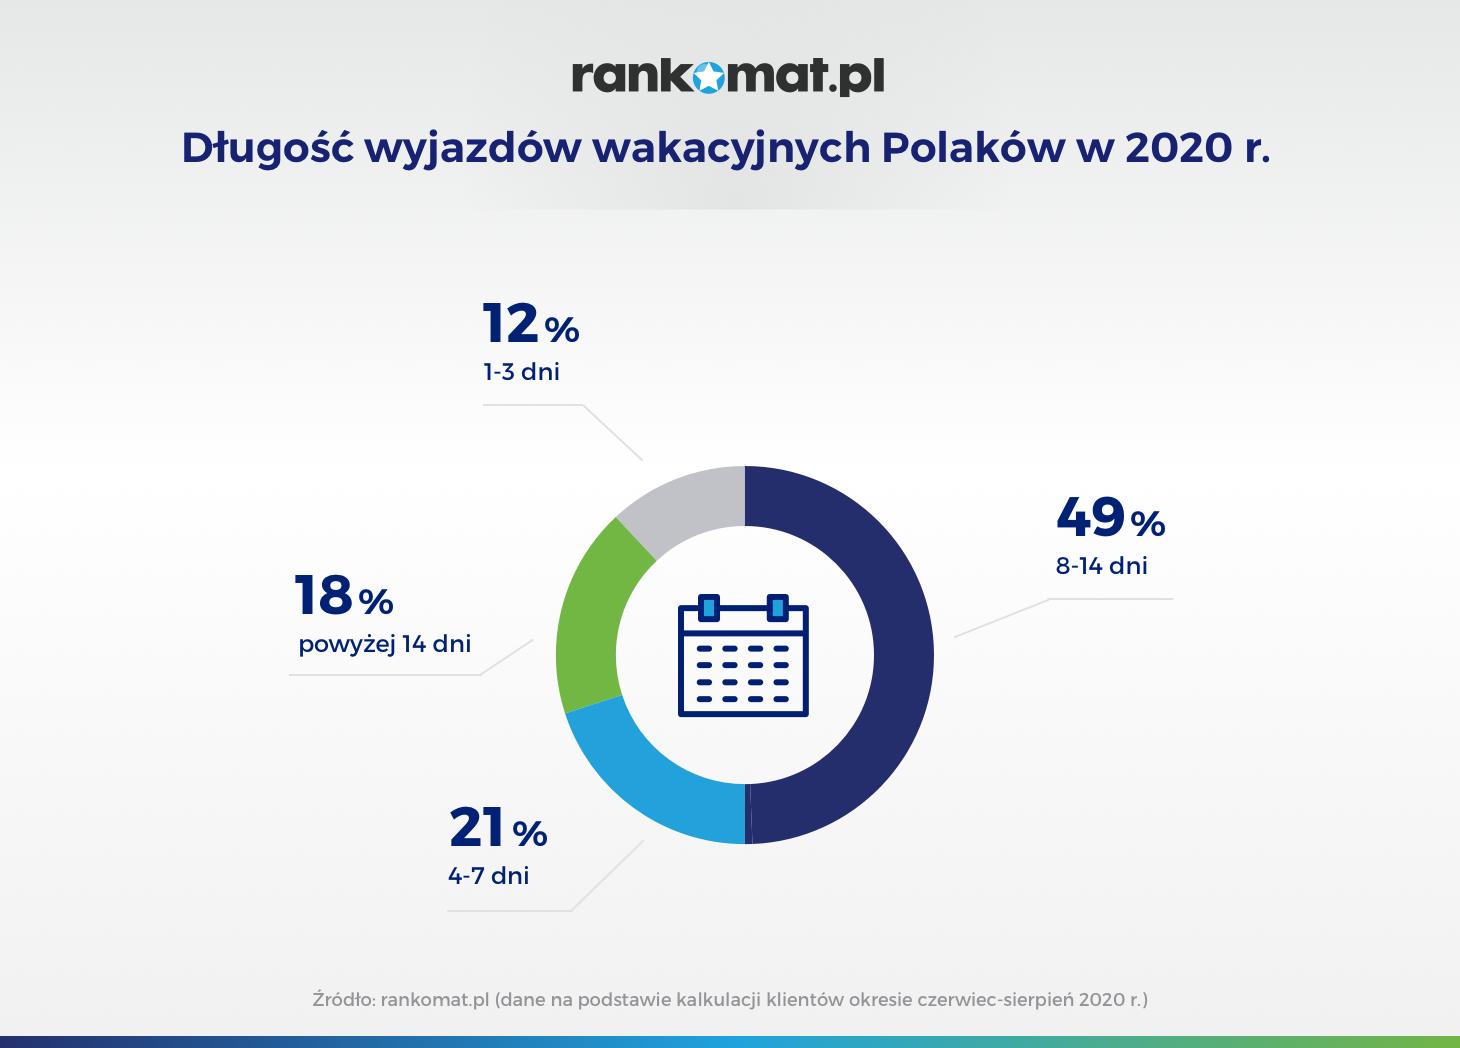 Długość wyjazdów wakacyjnych Polaków w 2020 r_v1